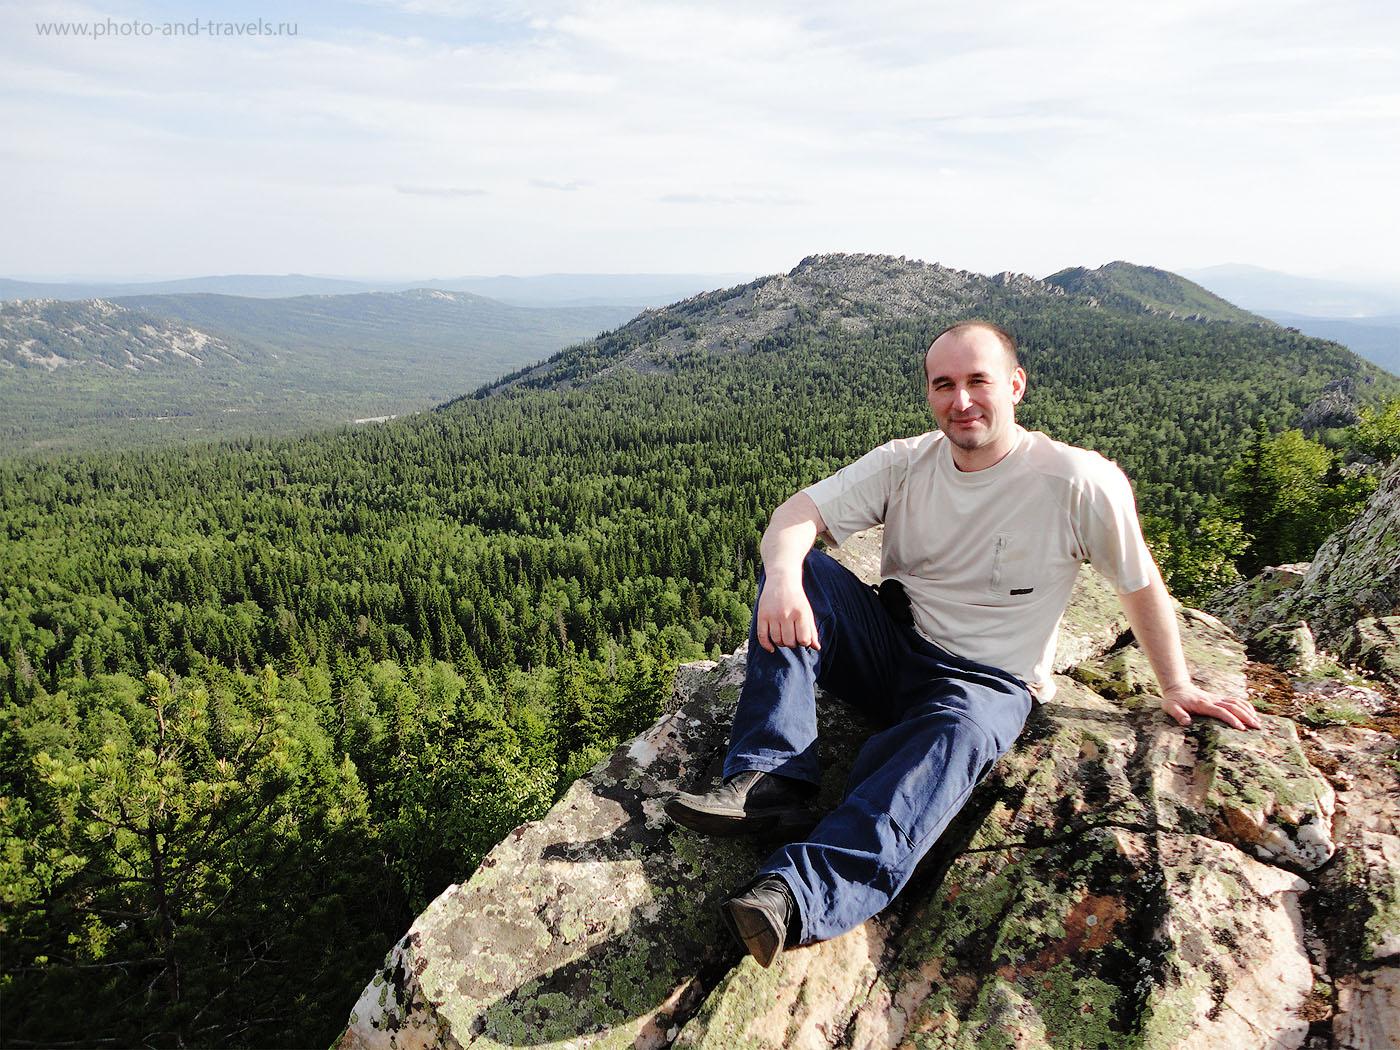 4. Природный парк Таганай. Панорама Двуглавой Сопки со стороны Митькиных скал